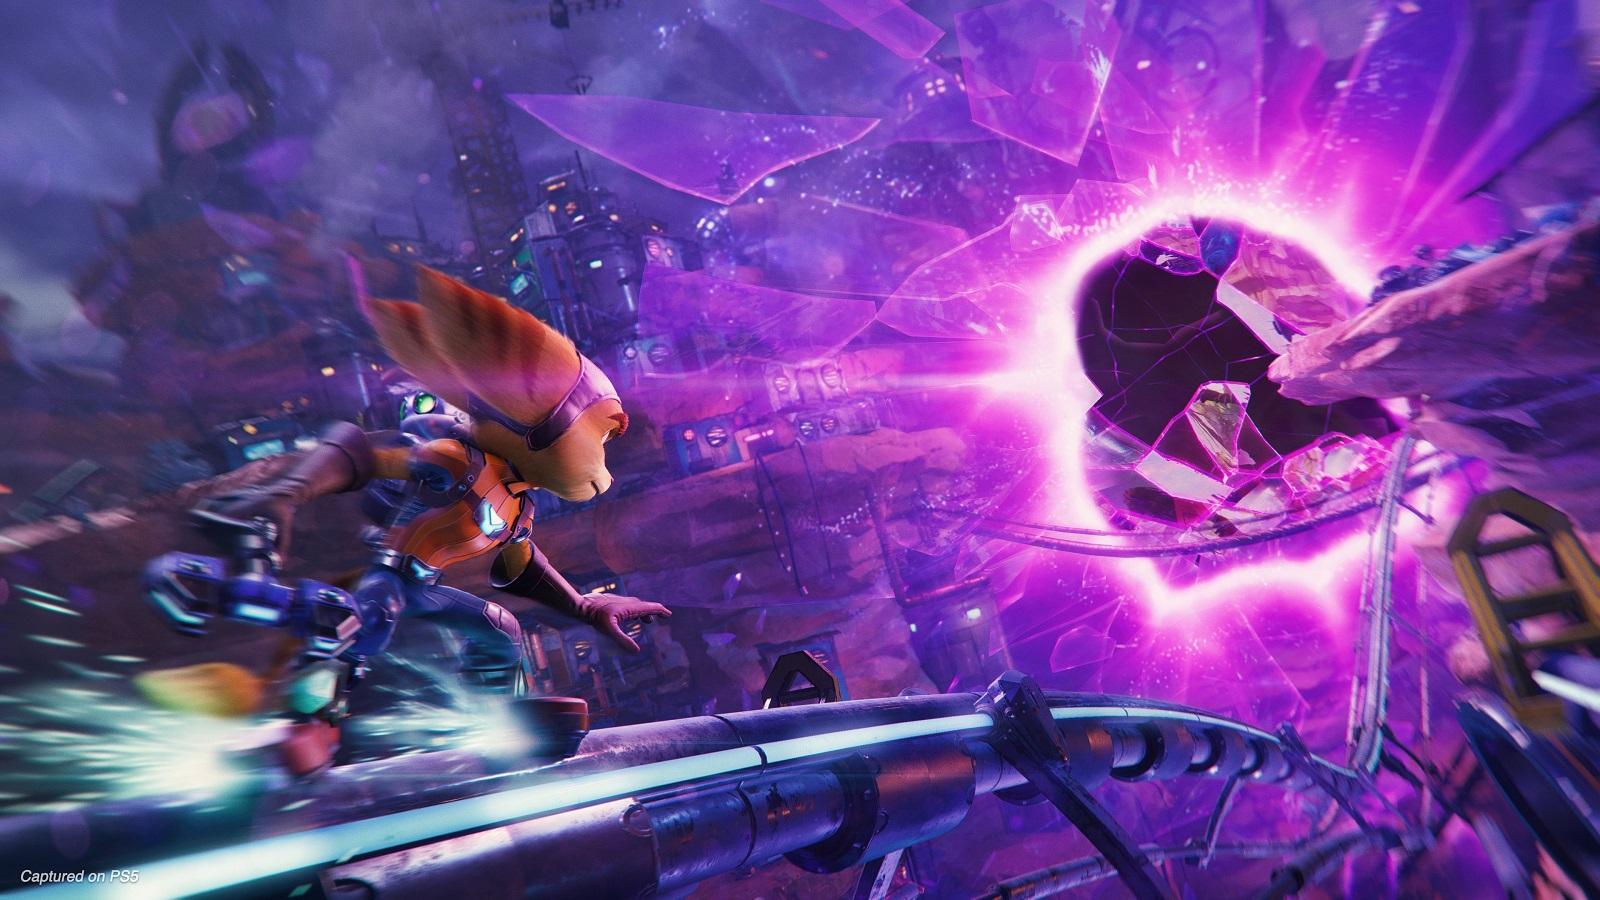 Sony просто обязана выпустить как можно больше PlayStation 5 к июню ради Ratchet & Clank Rift Apart